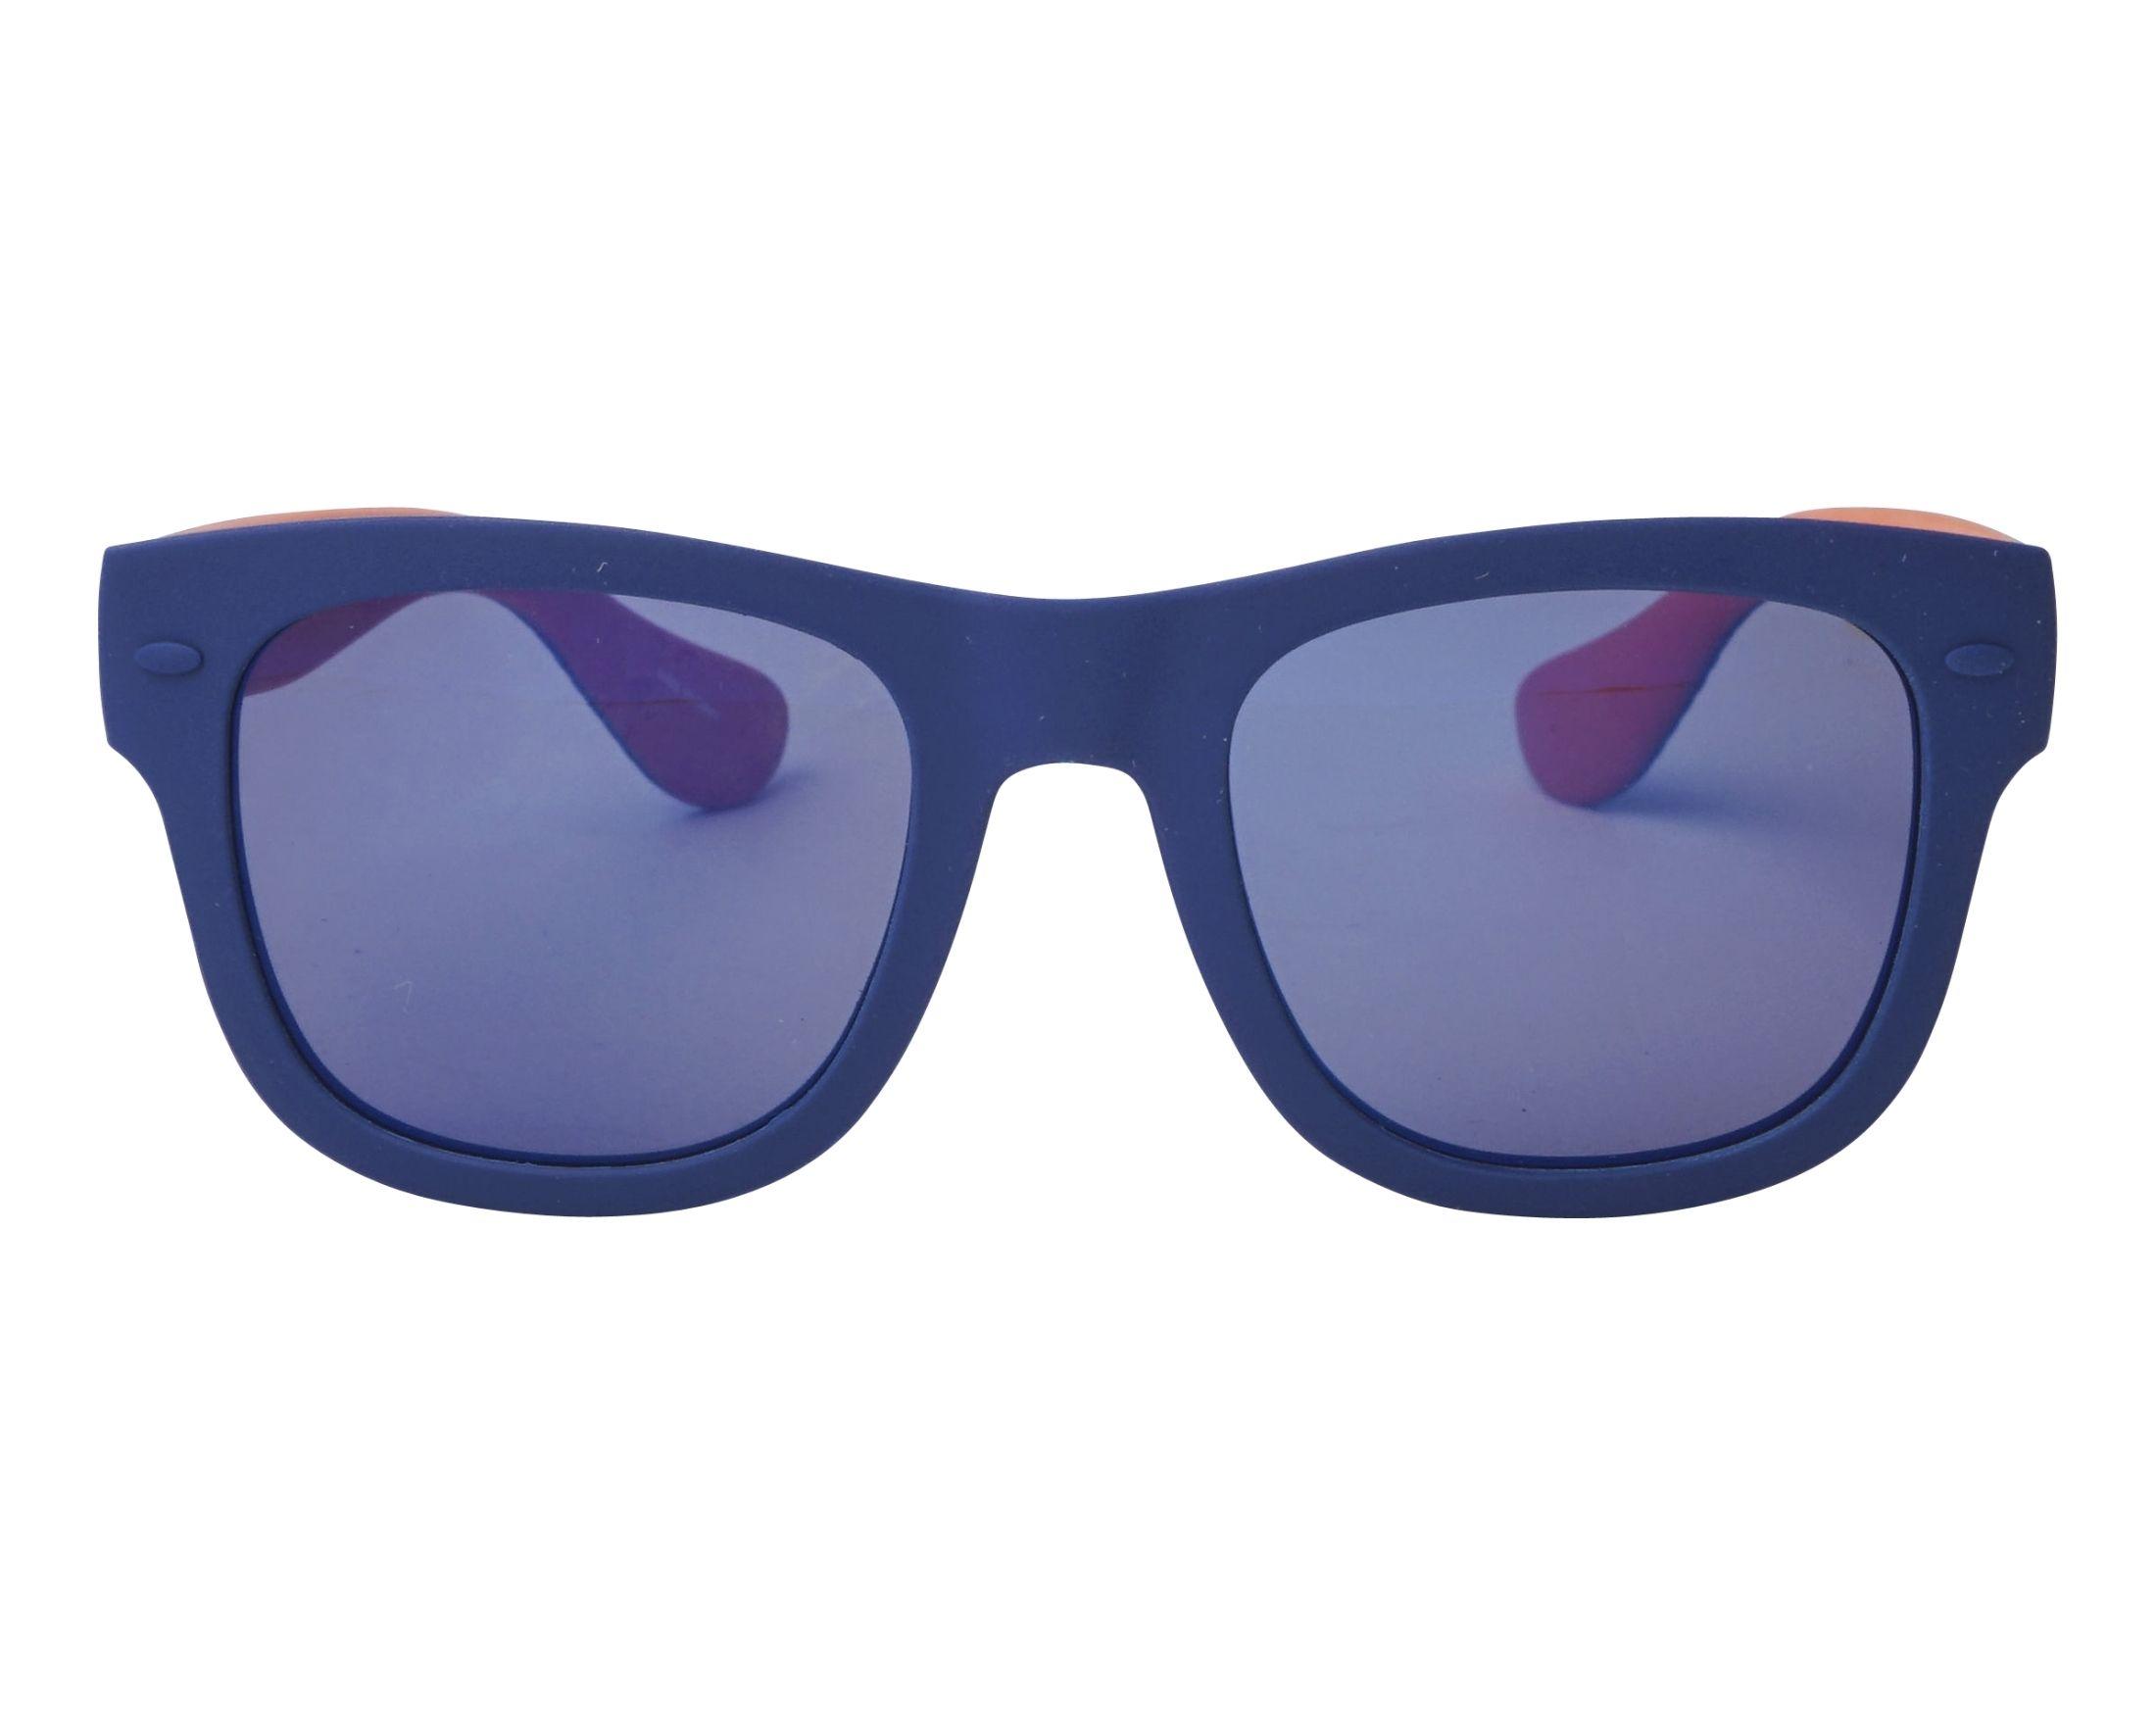 3975ea83474 Sunglasses Havaianas PARATY-M RTCXT 50-21 Blue Orange front view